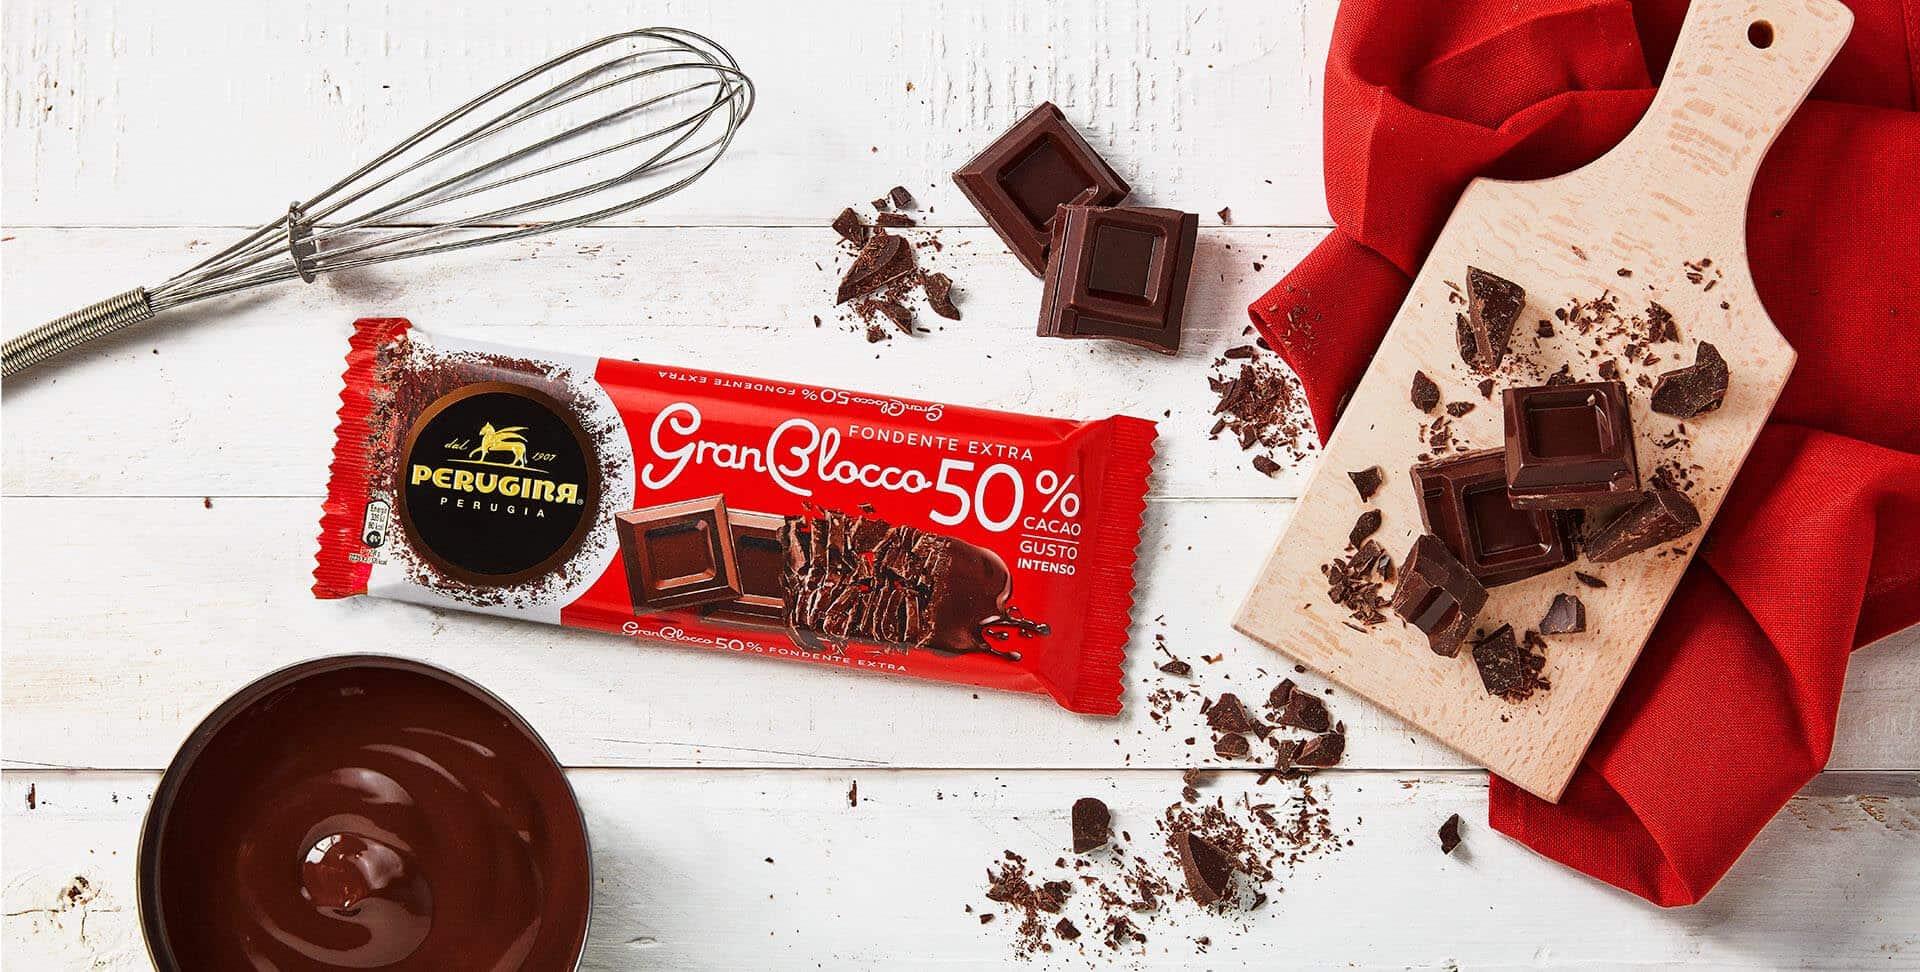 GranBlocco Fondente Extra 50% 500g - Prodotti - Perugina.com 6e3f045d7a04